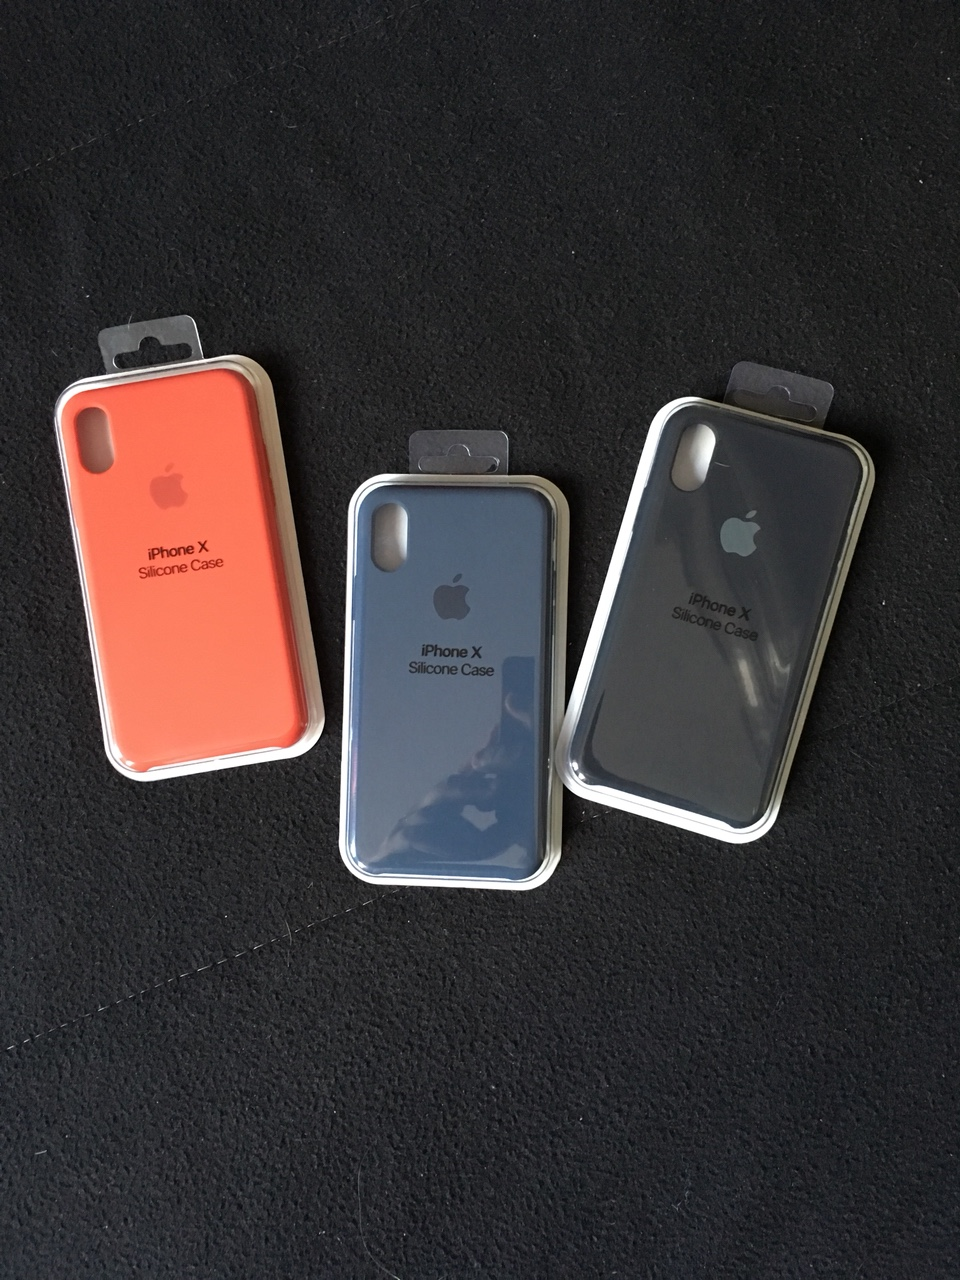 iPhone - Capas e restantes acessórios para o iPhone X   Página 5 ... c6b489e3df